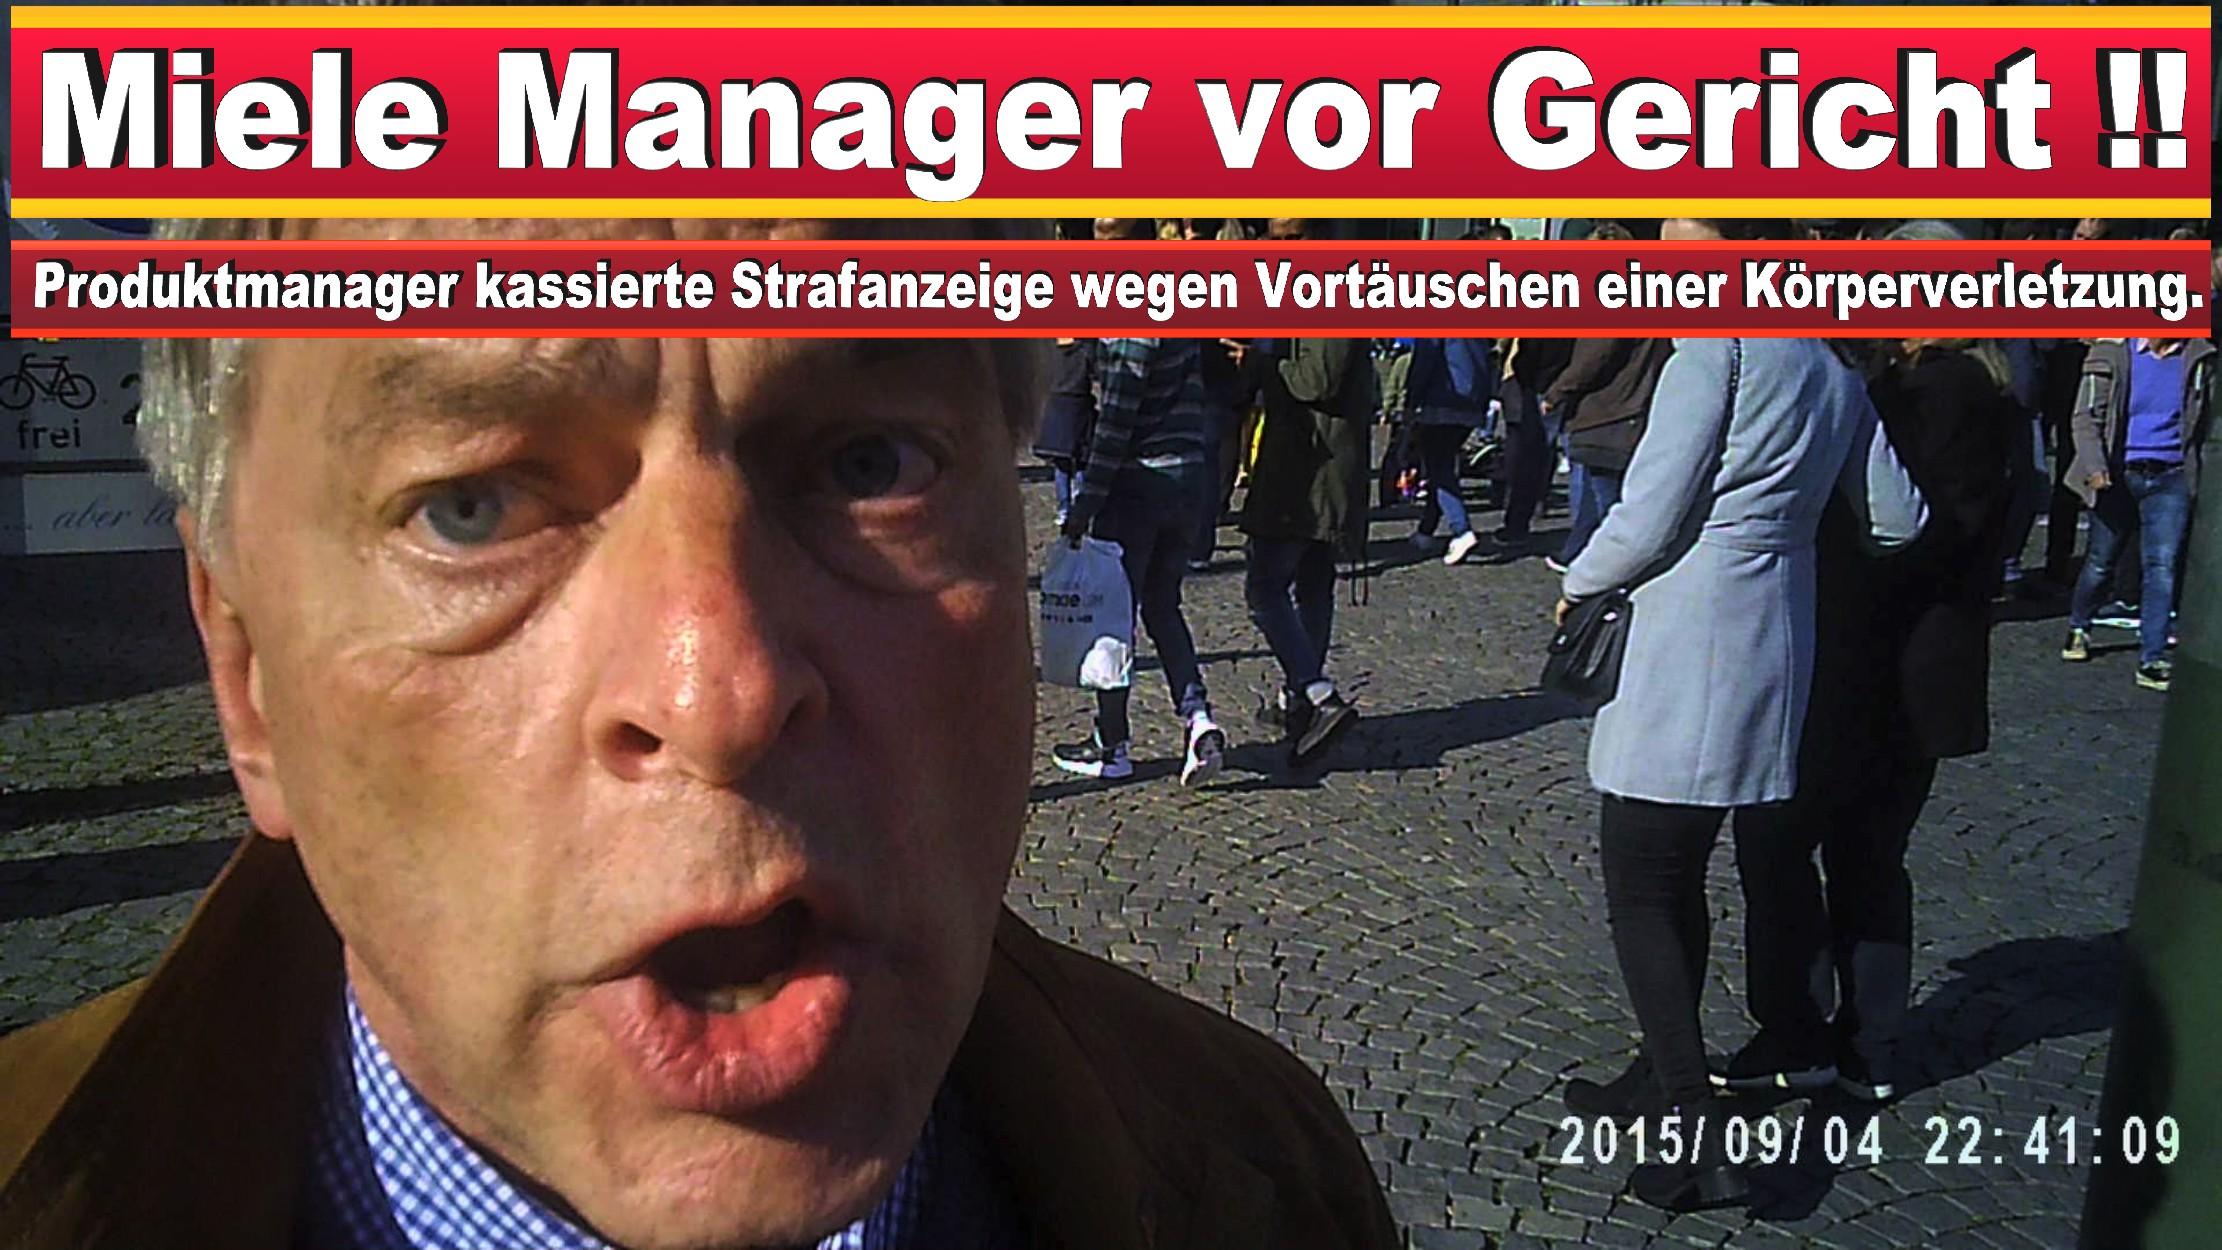 CDU BIELEFELD POLIZEIGEWALT GEWALTAUSBRUCH UND STRAFANZEIGE GEGEN EINEN JOURNALISTEN (12)